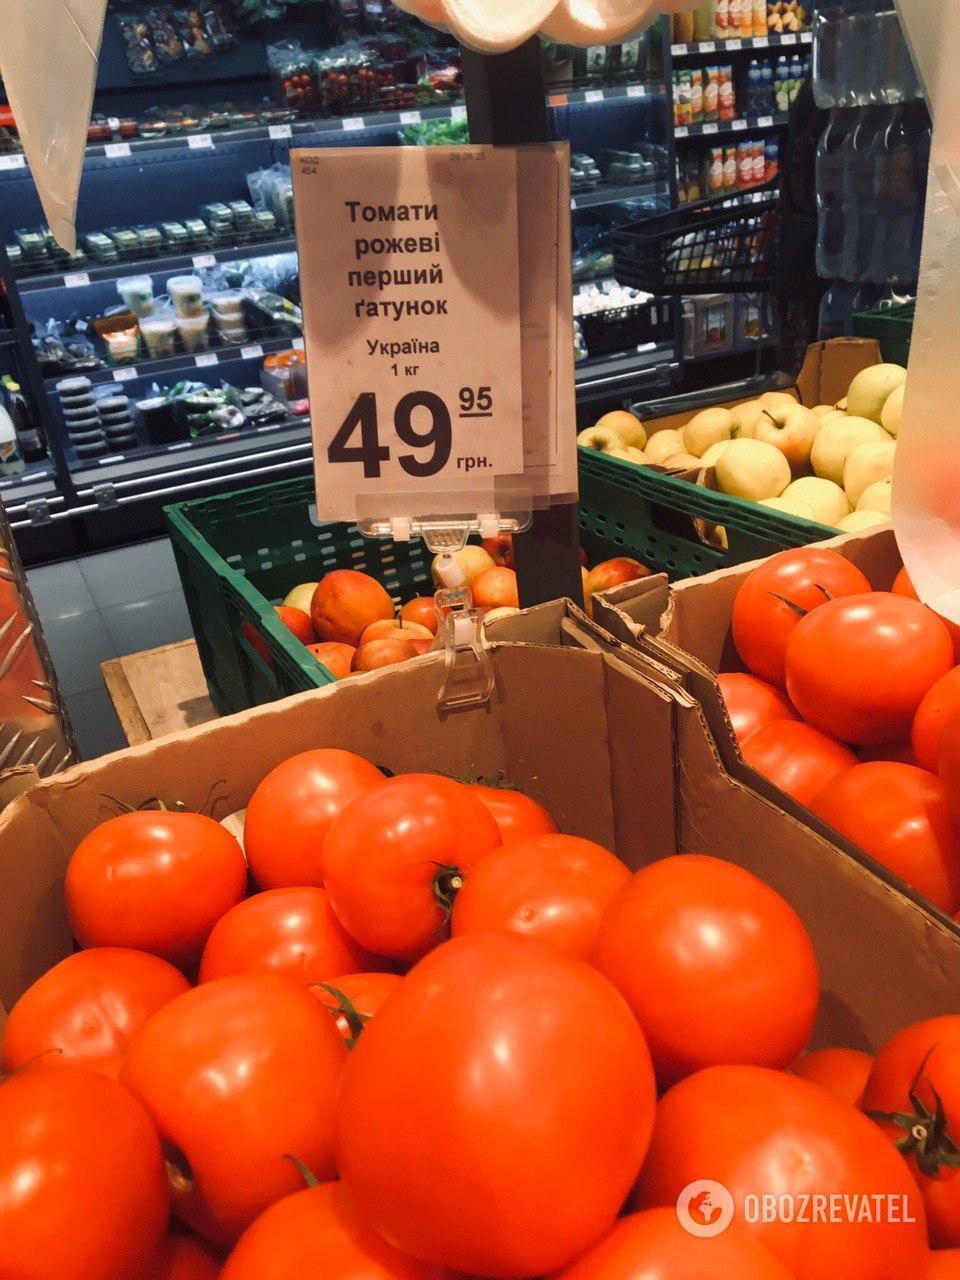 Розовые помидоры - одни из самых дорогих сортов на сегодня